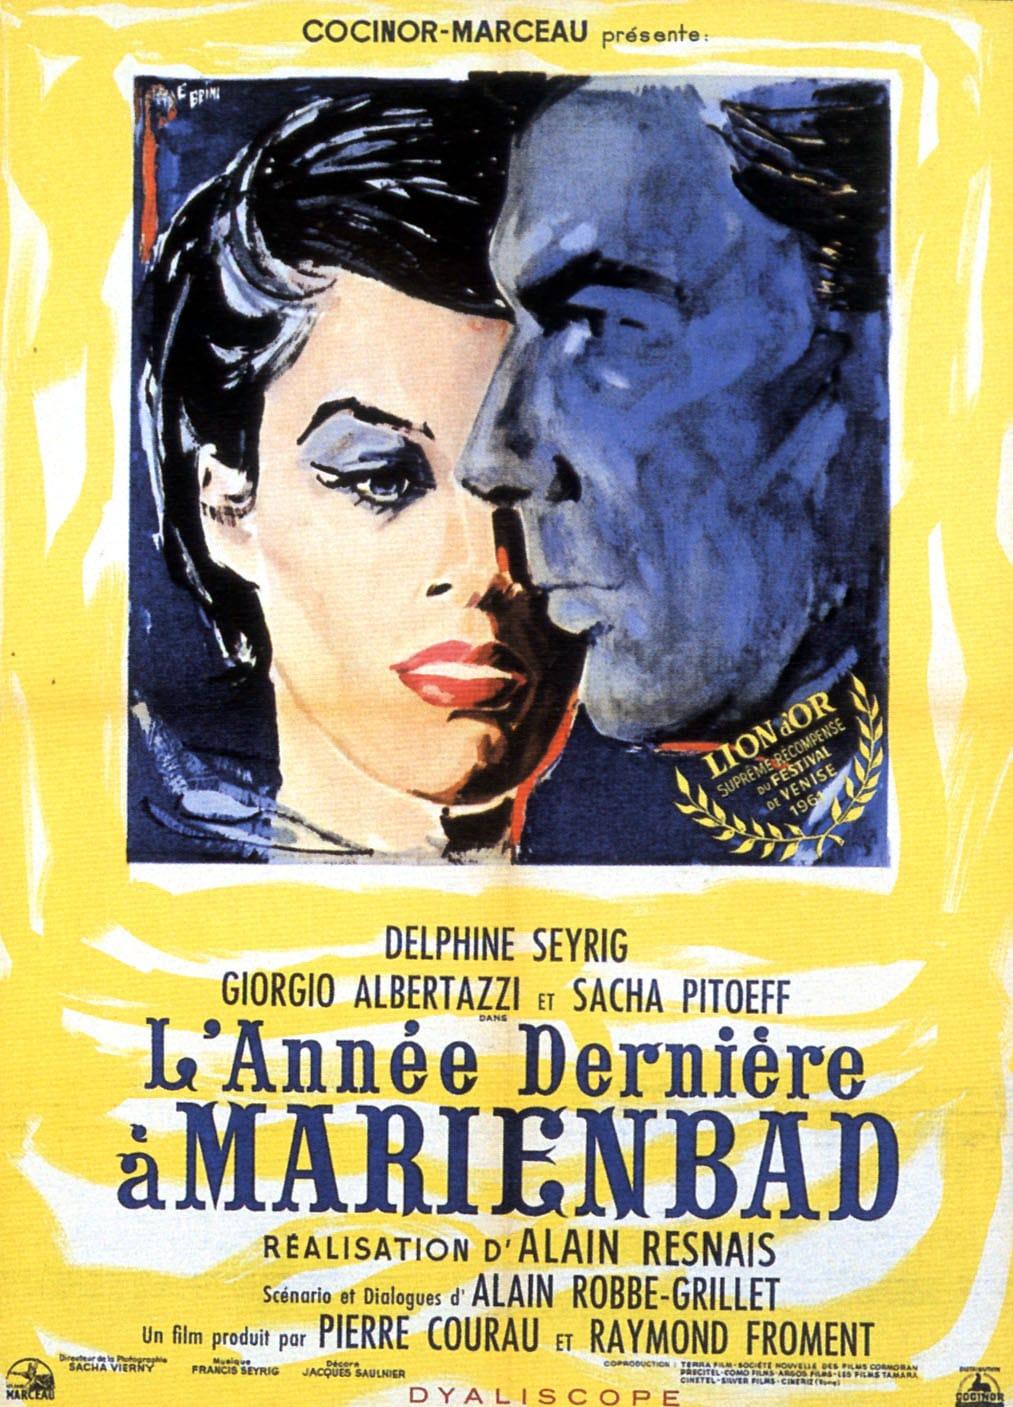 Фильм «В Прошлом Году В Мариенбаде» — 1961